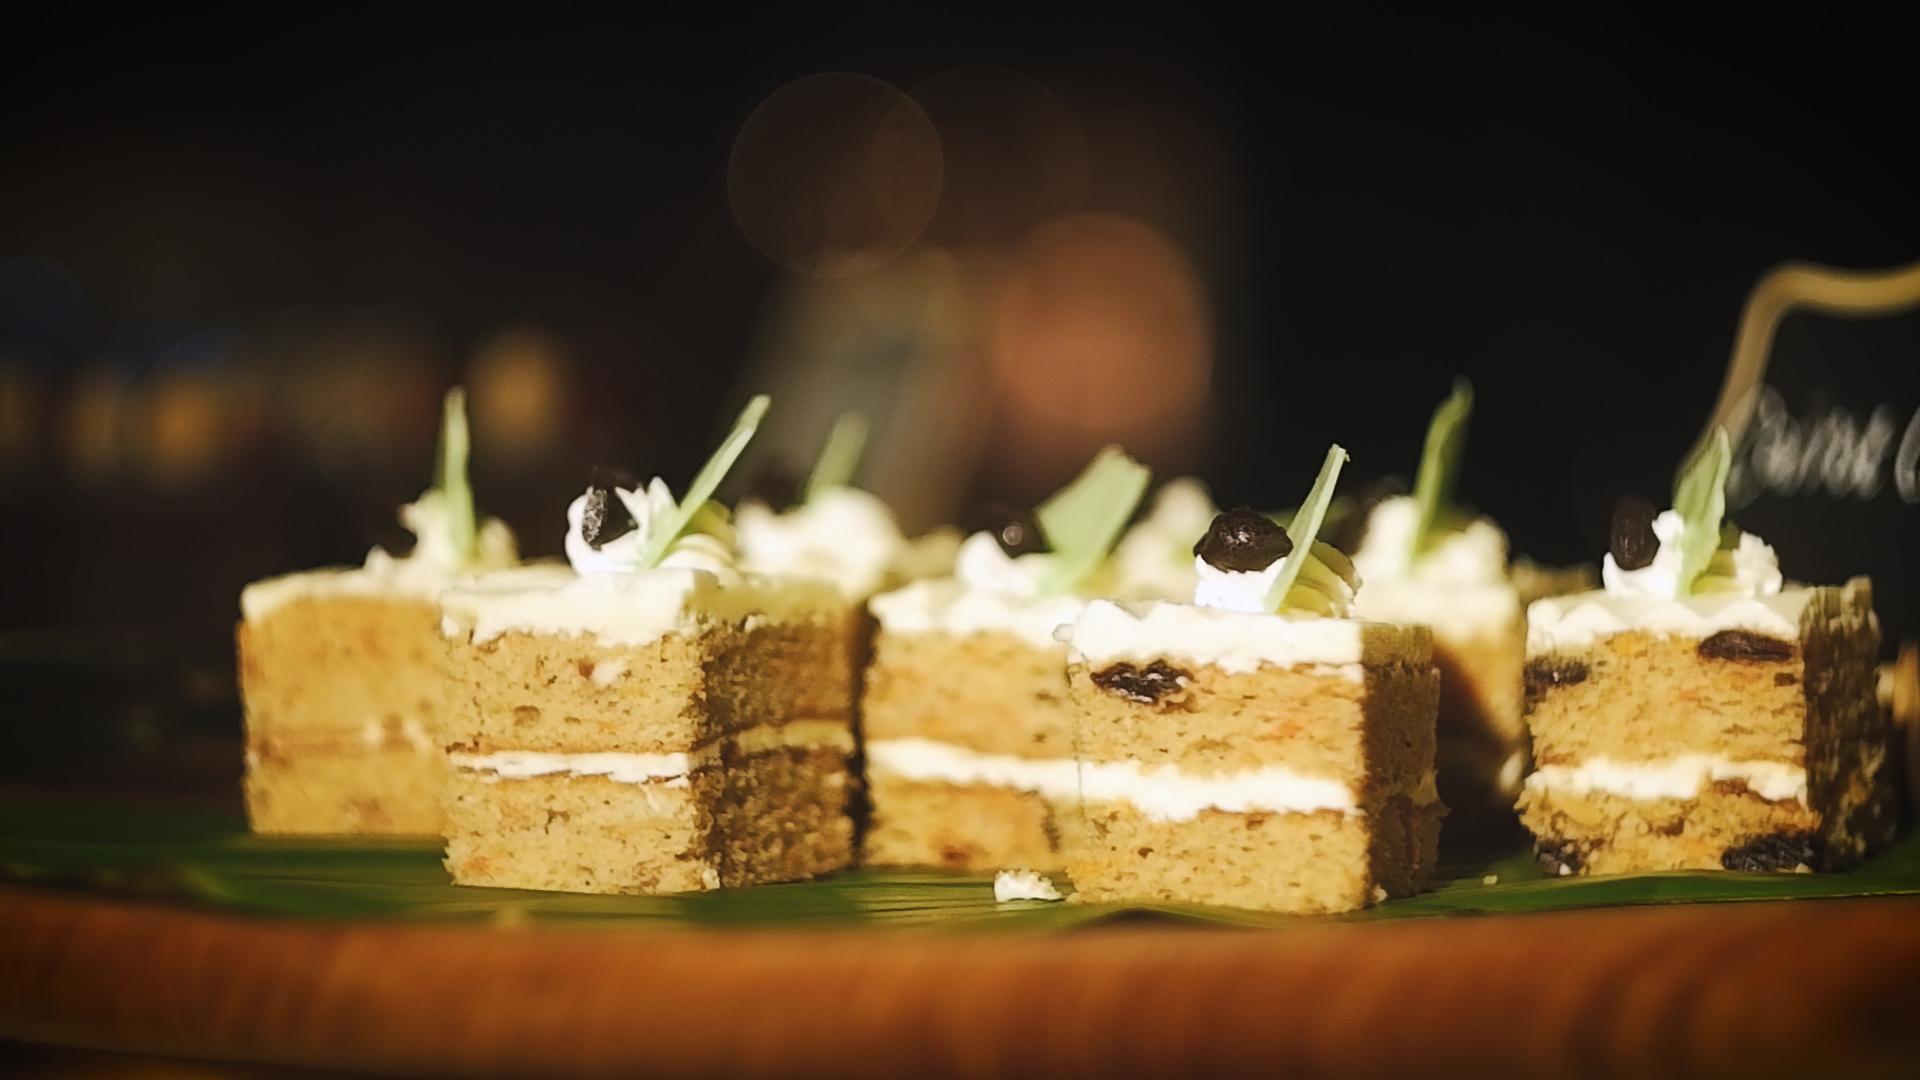 Aneka hidangan Jajan Senja di Fraya Restaurant Aloft South Jakarta. (Alidrian Fahwi/Wartapenanews.com)